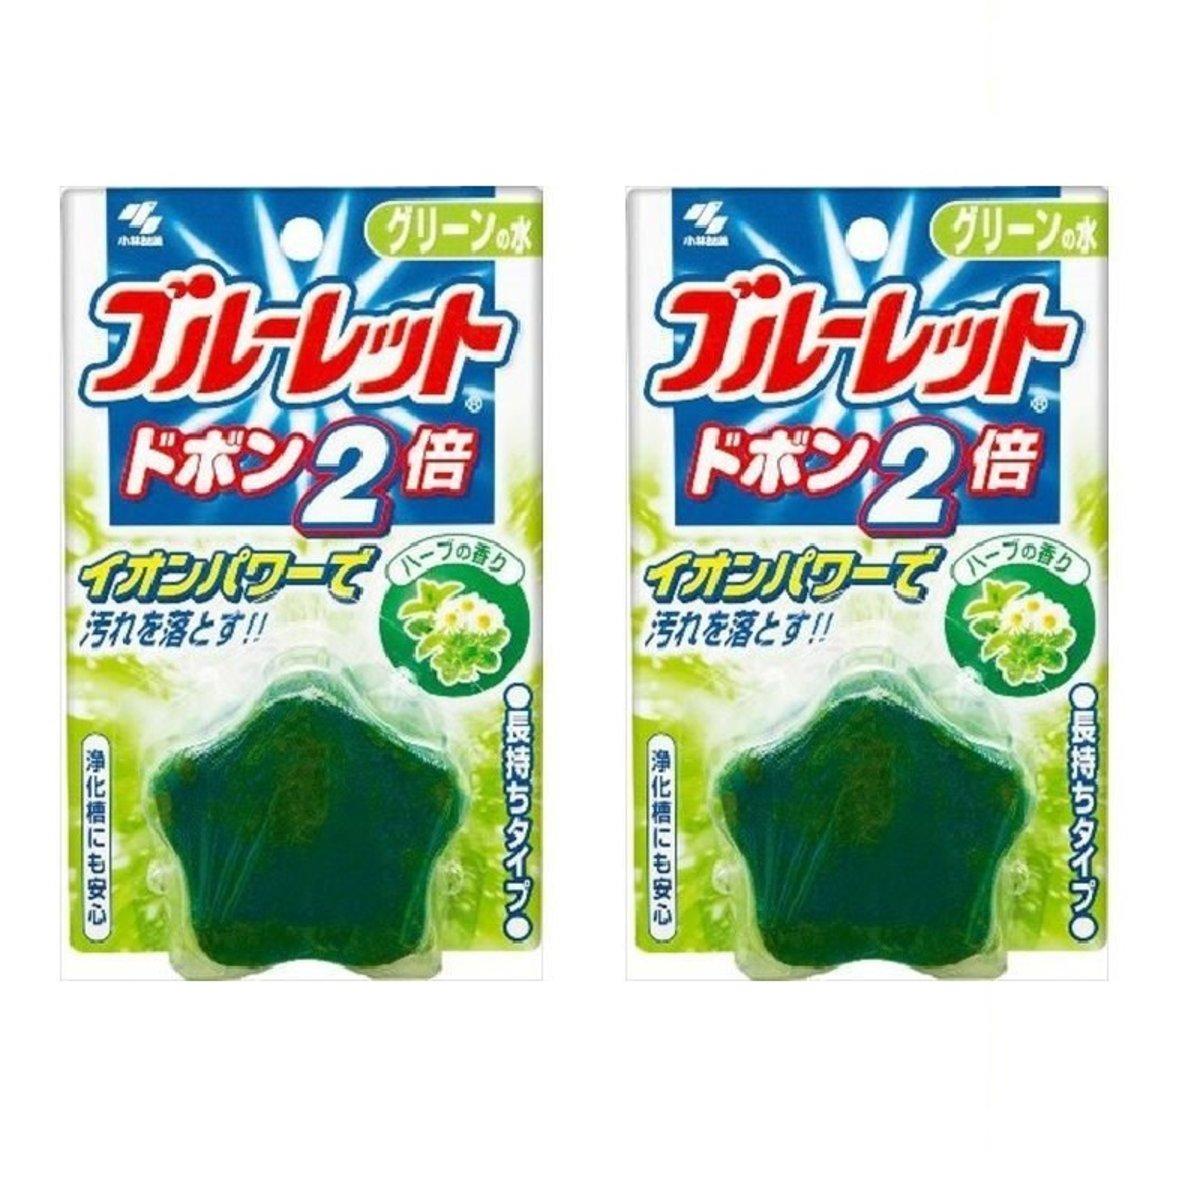 Kobayashi - Toilet aroma cleaning block Star Star Vanilla120g x2pcs